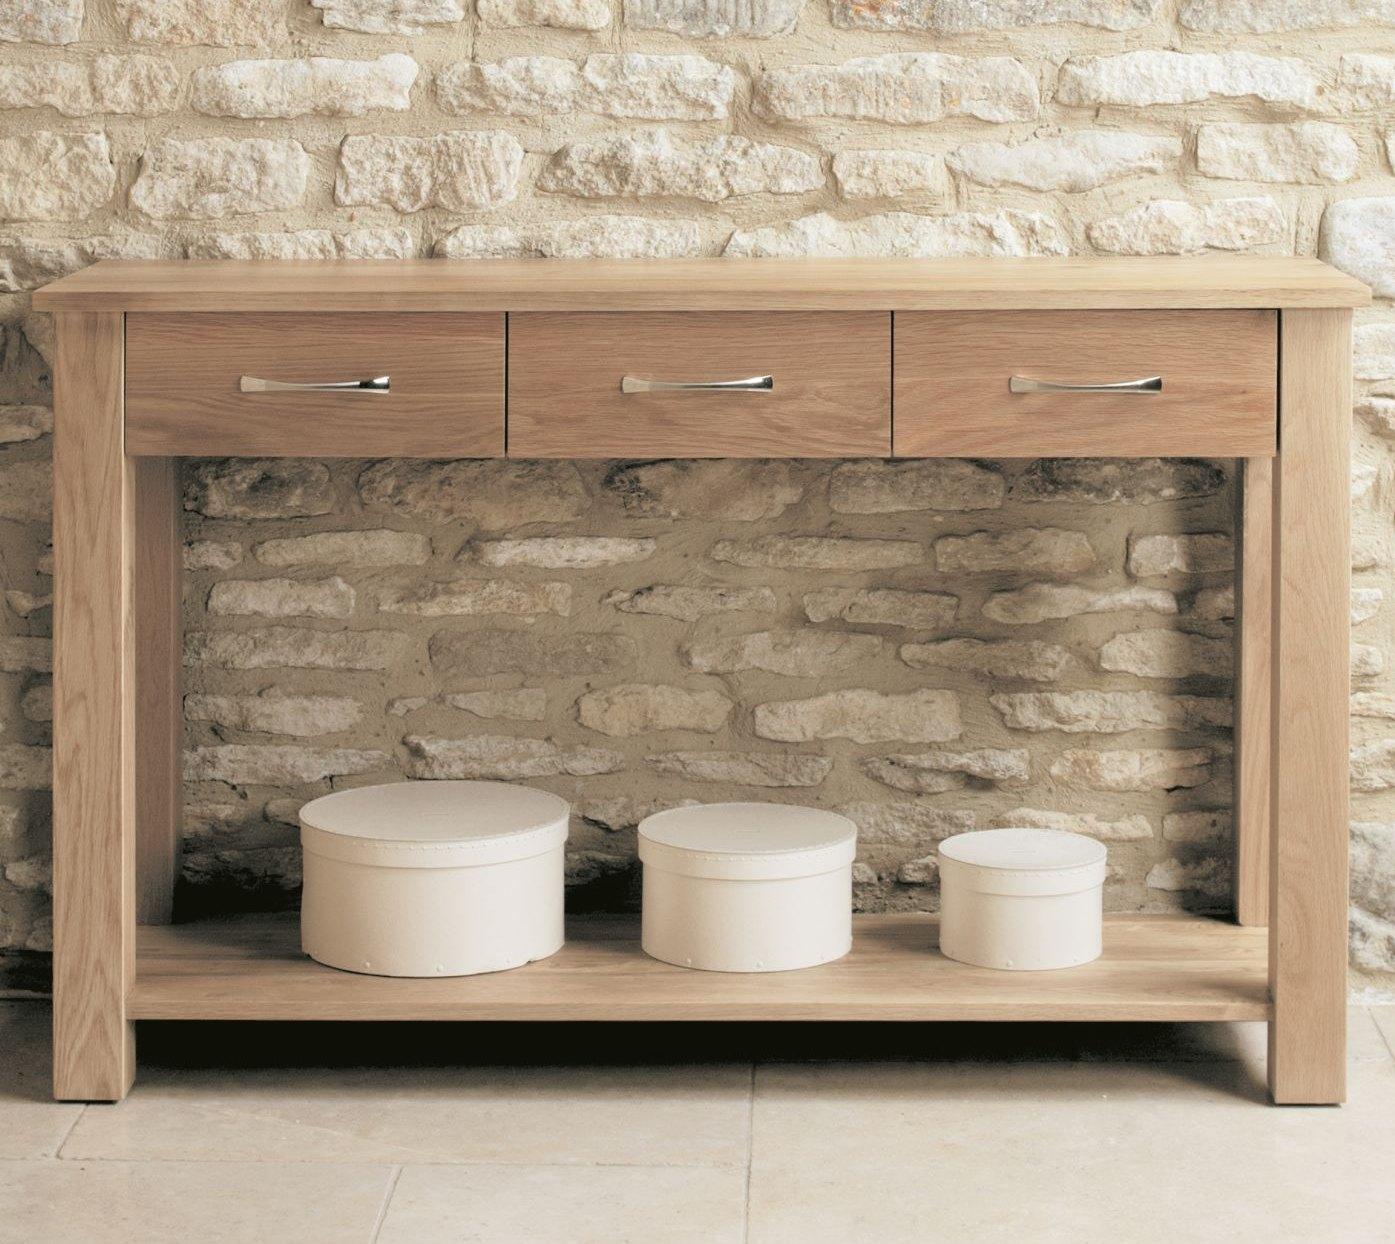 Mobel solid oak living room hallway furniture console - Furnitive mobel ...